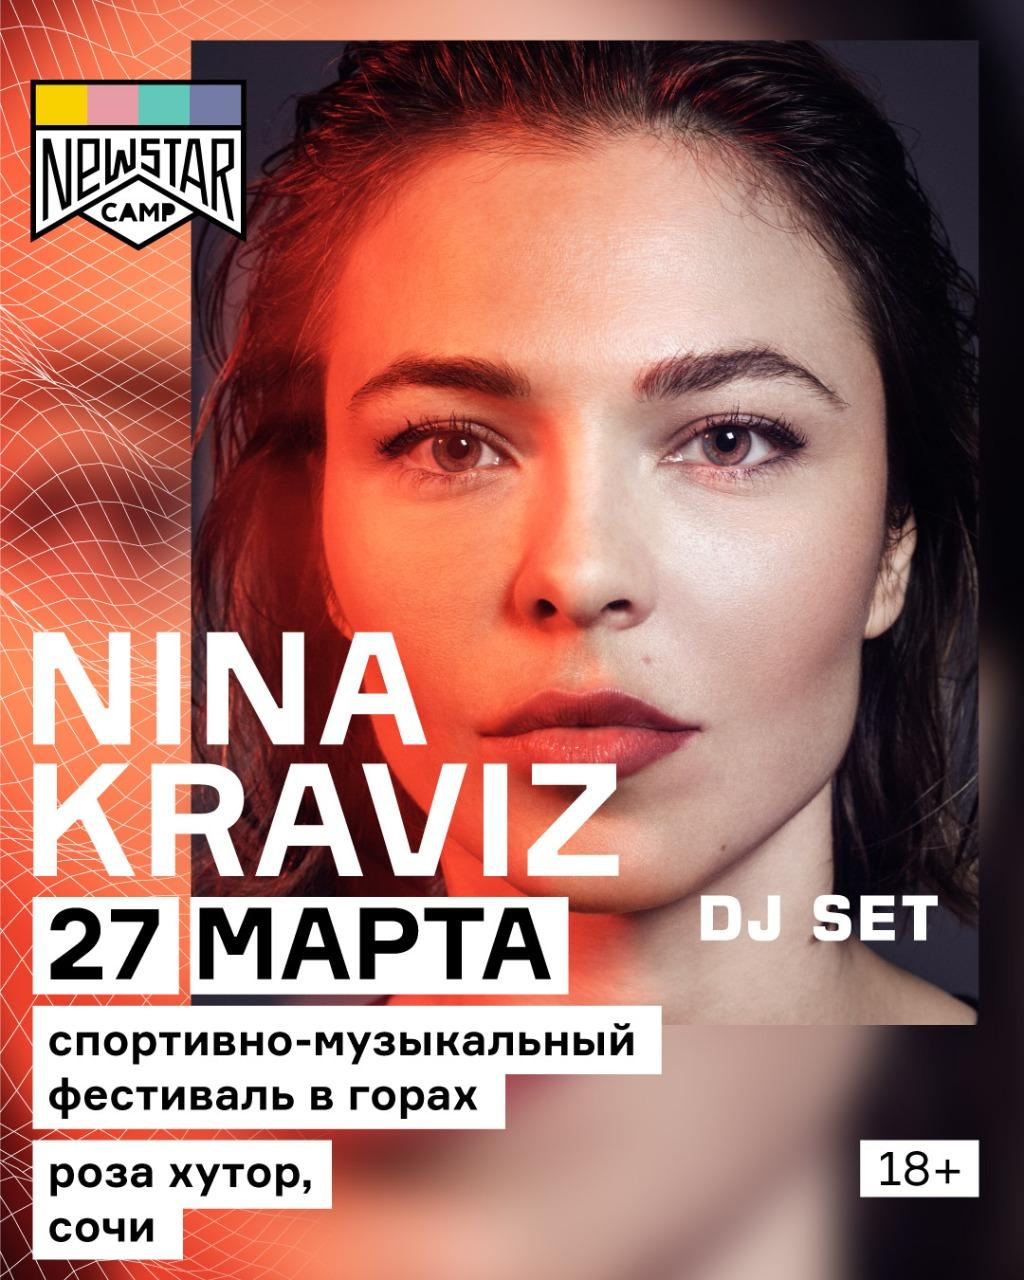 DJ Нина Кравиц — Хедлайнер New Star Camp 2021 на Роза Хутор